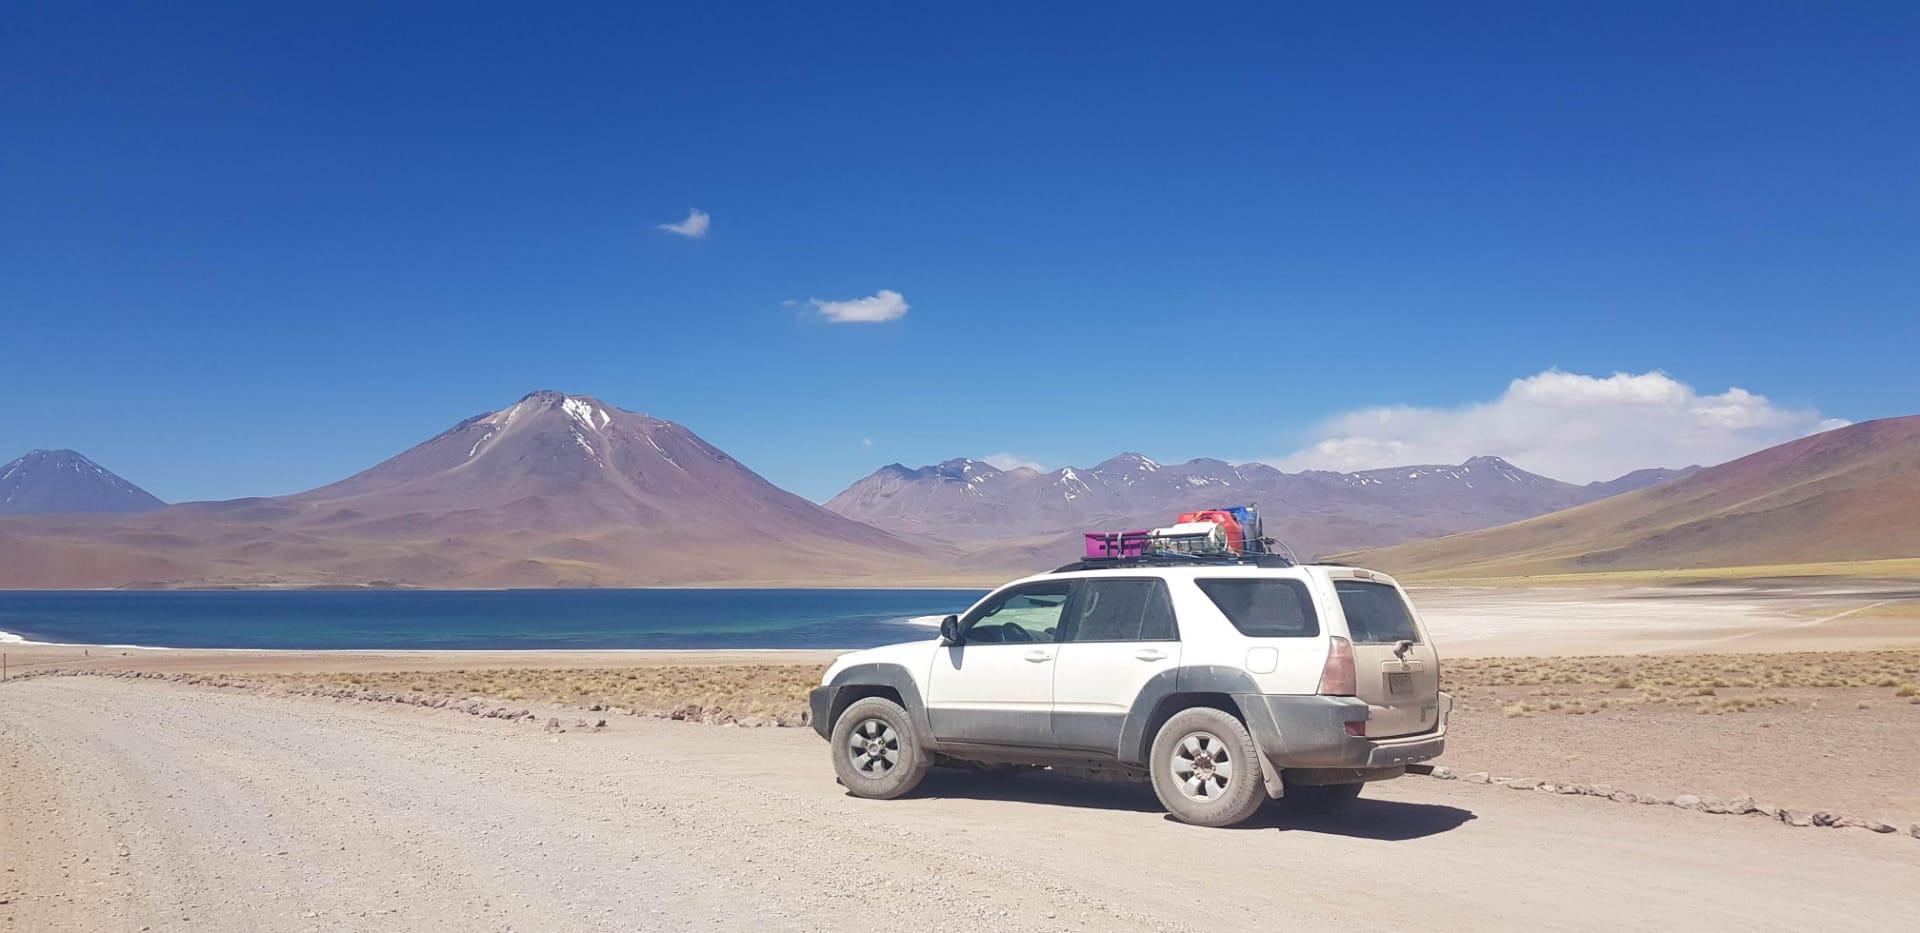 Toyota 4runner camper for sale chileToyota 4runner camper for sale chile